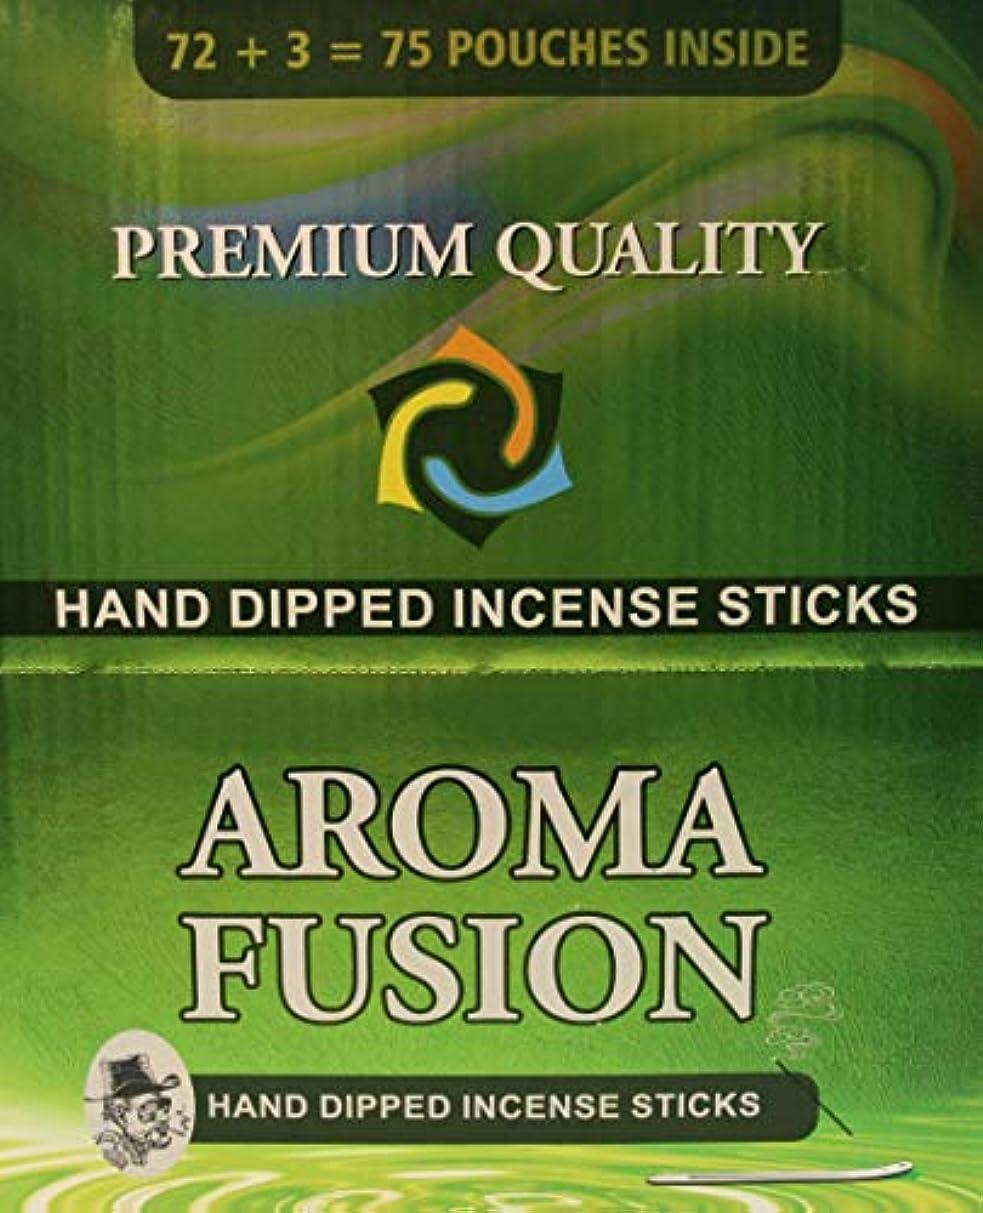 インタビュー楽しむ四回アロマフュージョンプレミアム品質手染めお香スティック   75種類ポーチ   合計1,125本   20種類の香り   お香ディスプレイケース